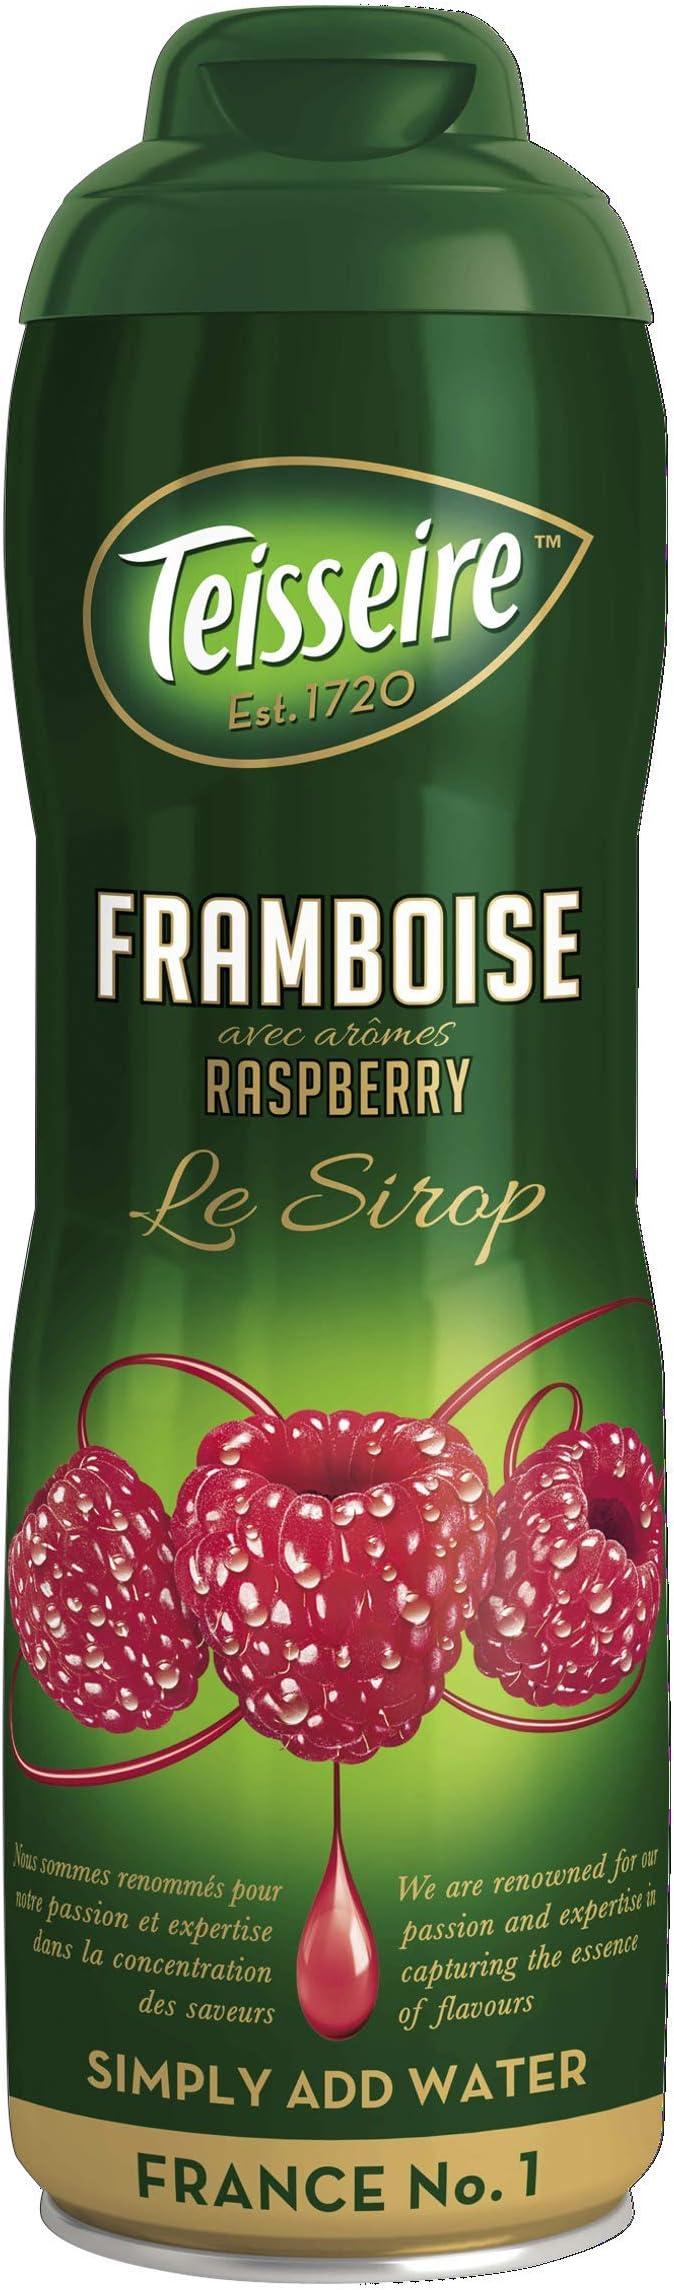 Teisseire Sirop Frambuesa 60Cl: Amazon.es: Alimentación y bebidas